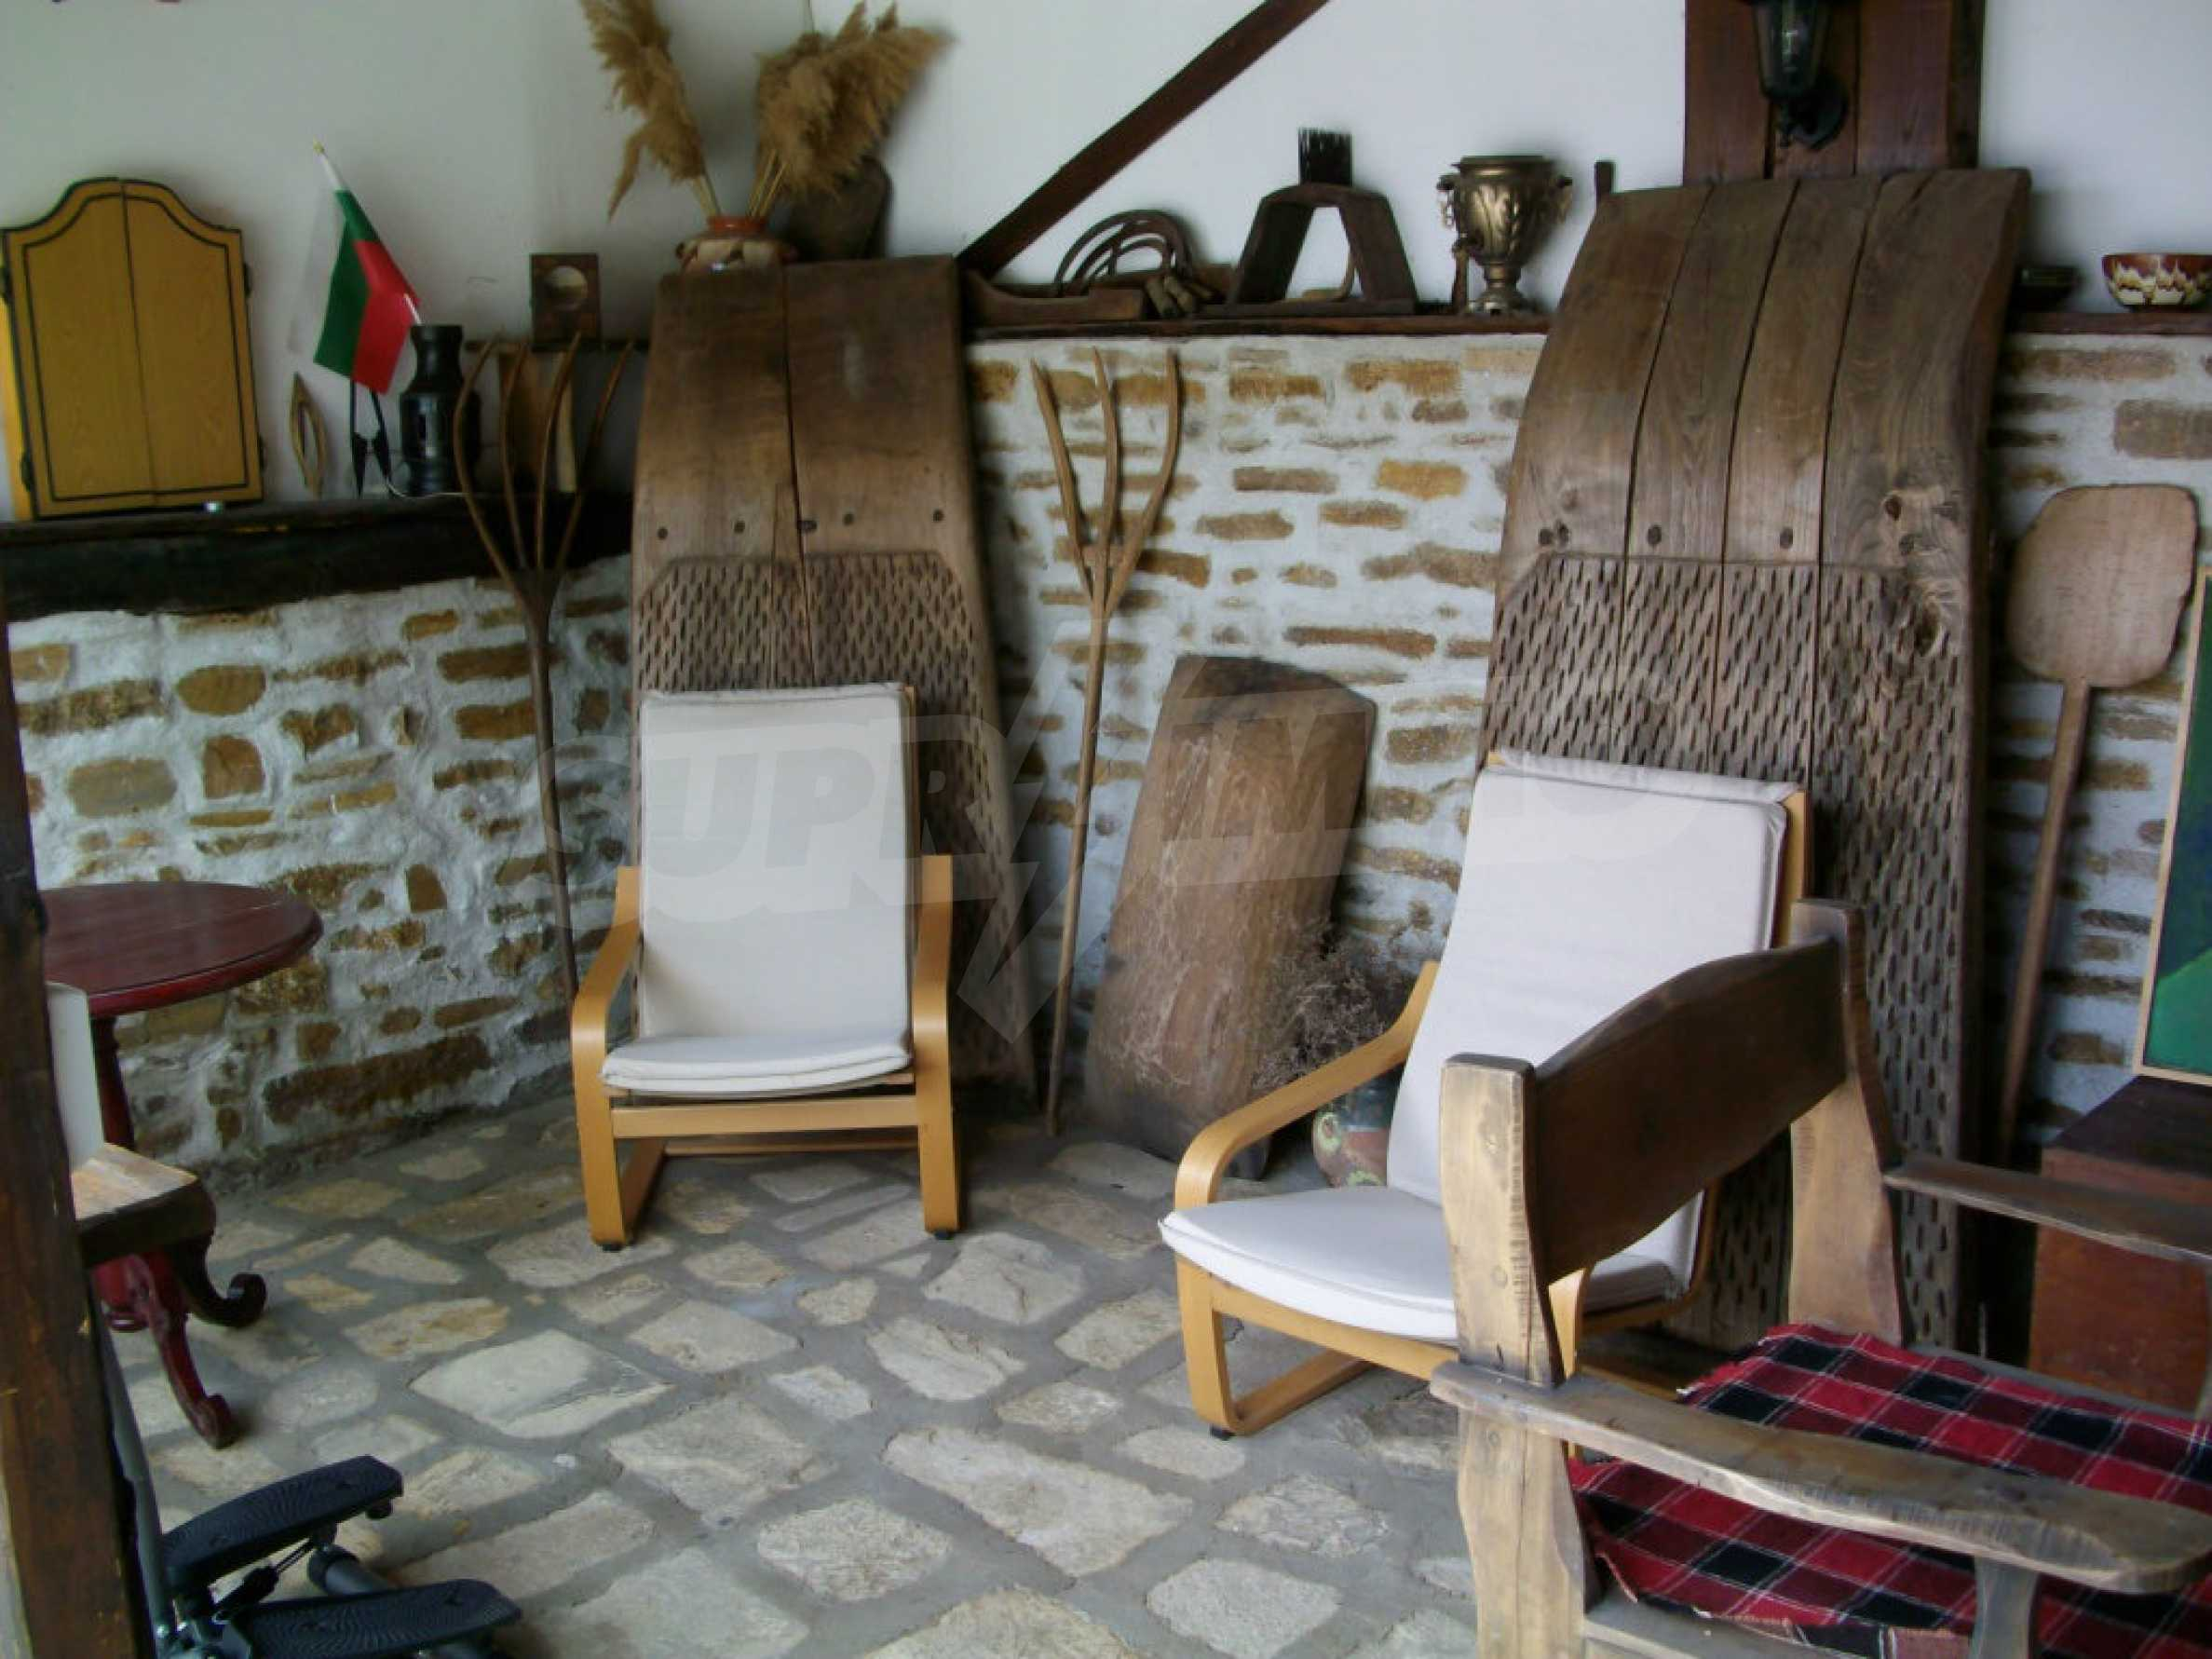 Vollständig möbliertes Anwesen im erhaltenen traditionellen bulgarischen Stil 36